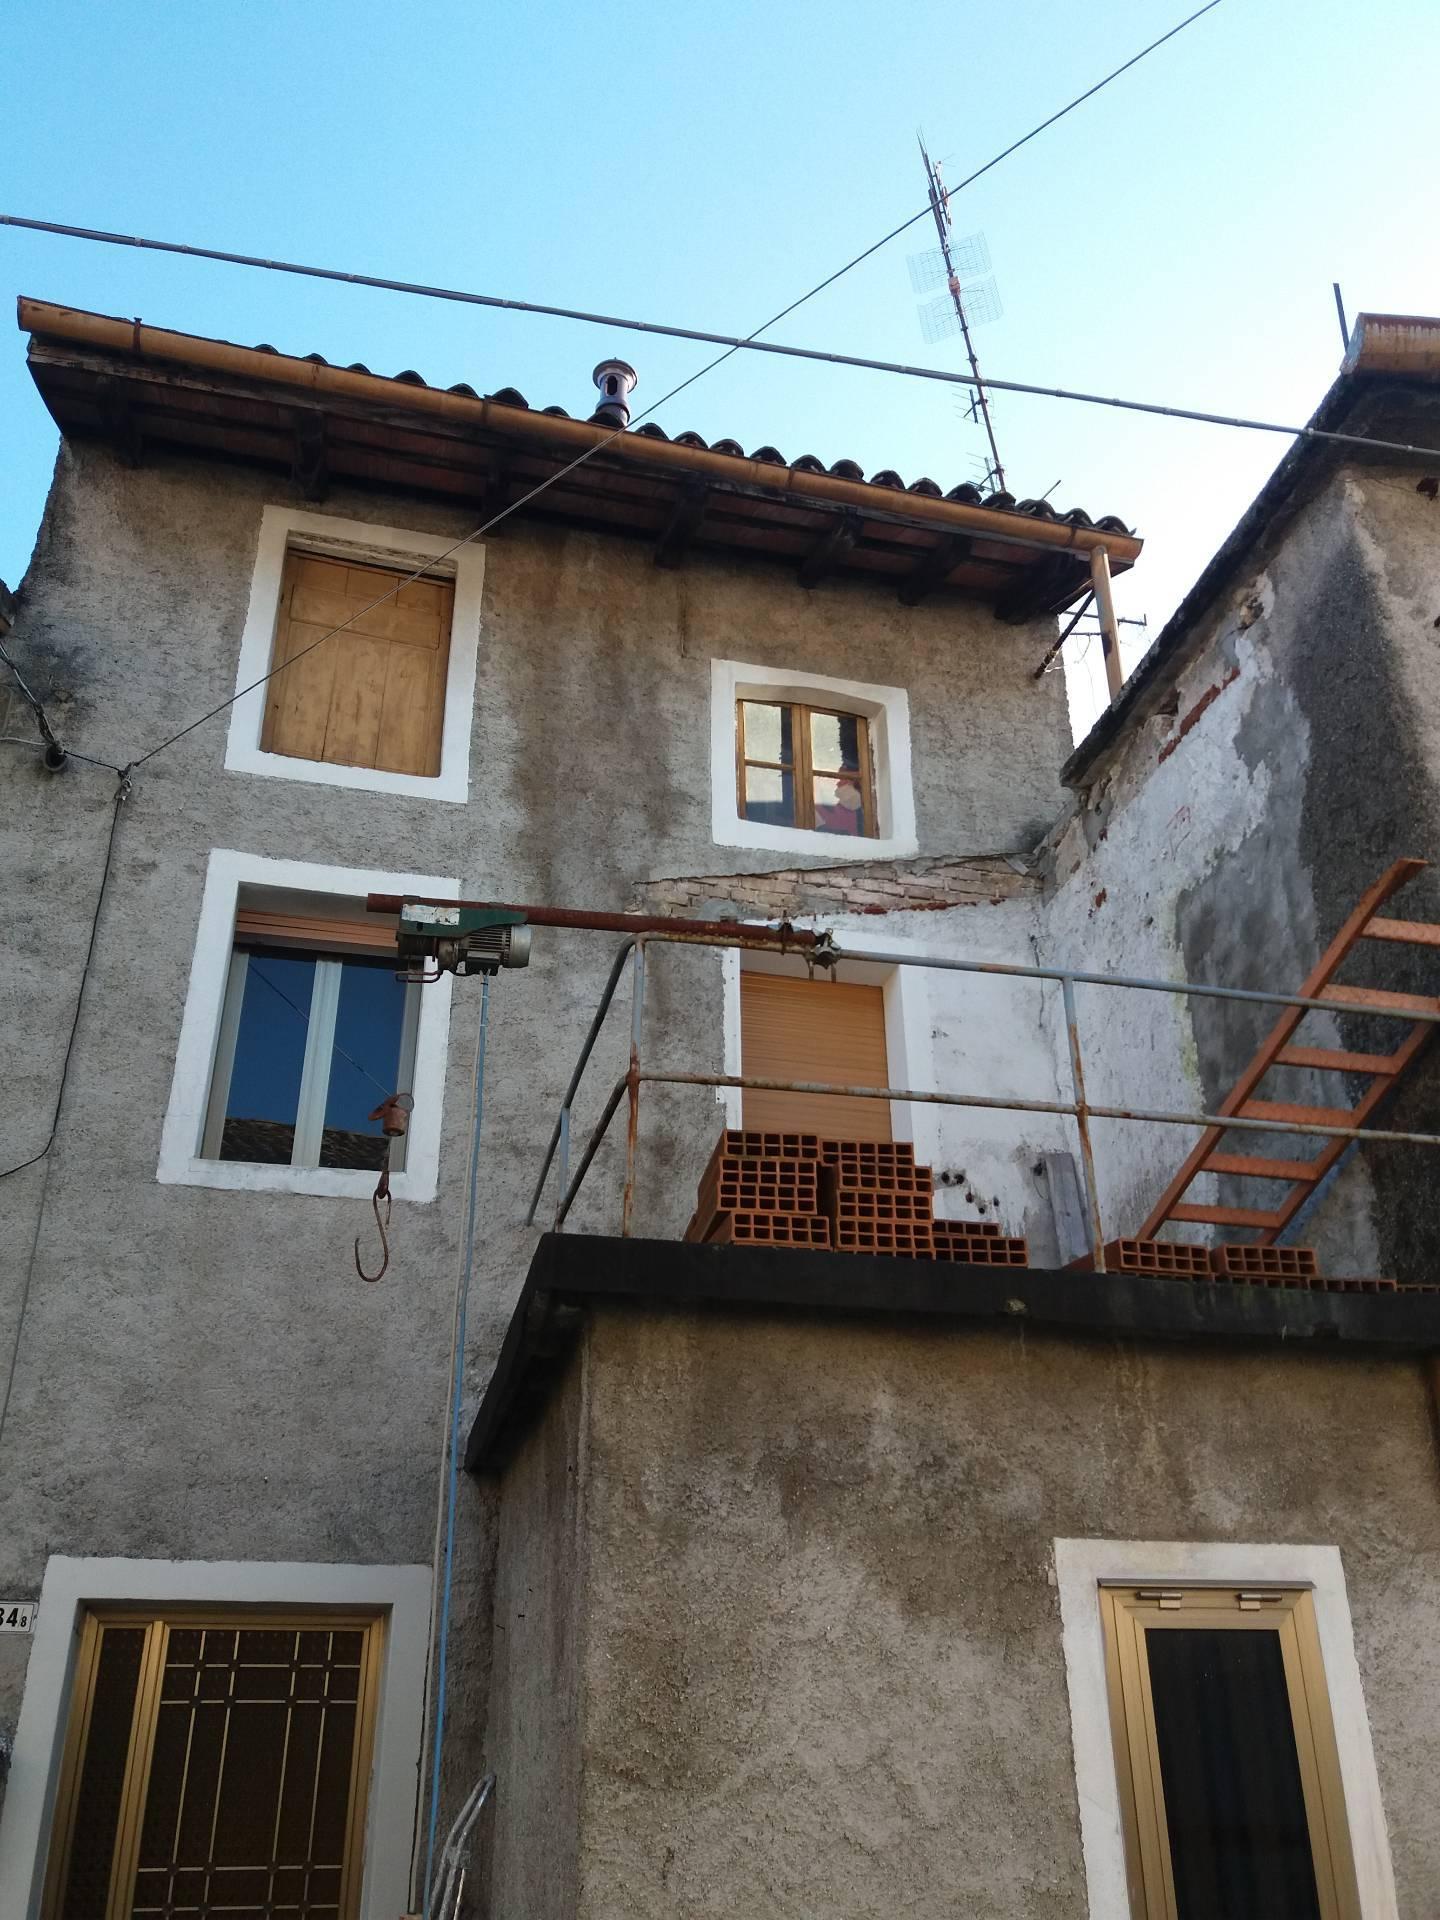 Rustico / Casale in vendita a Campoformido, 7 locali, prezzo € 31.000   CambioCasa.it